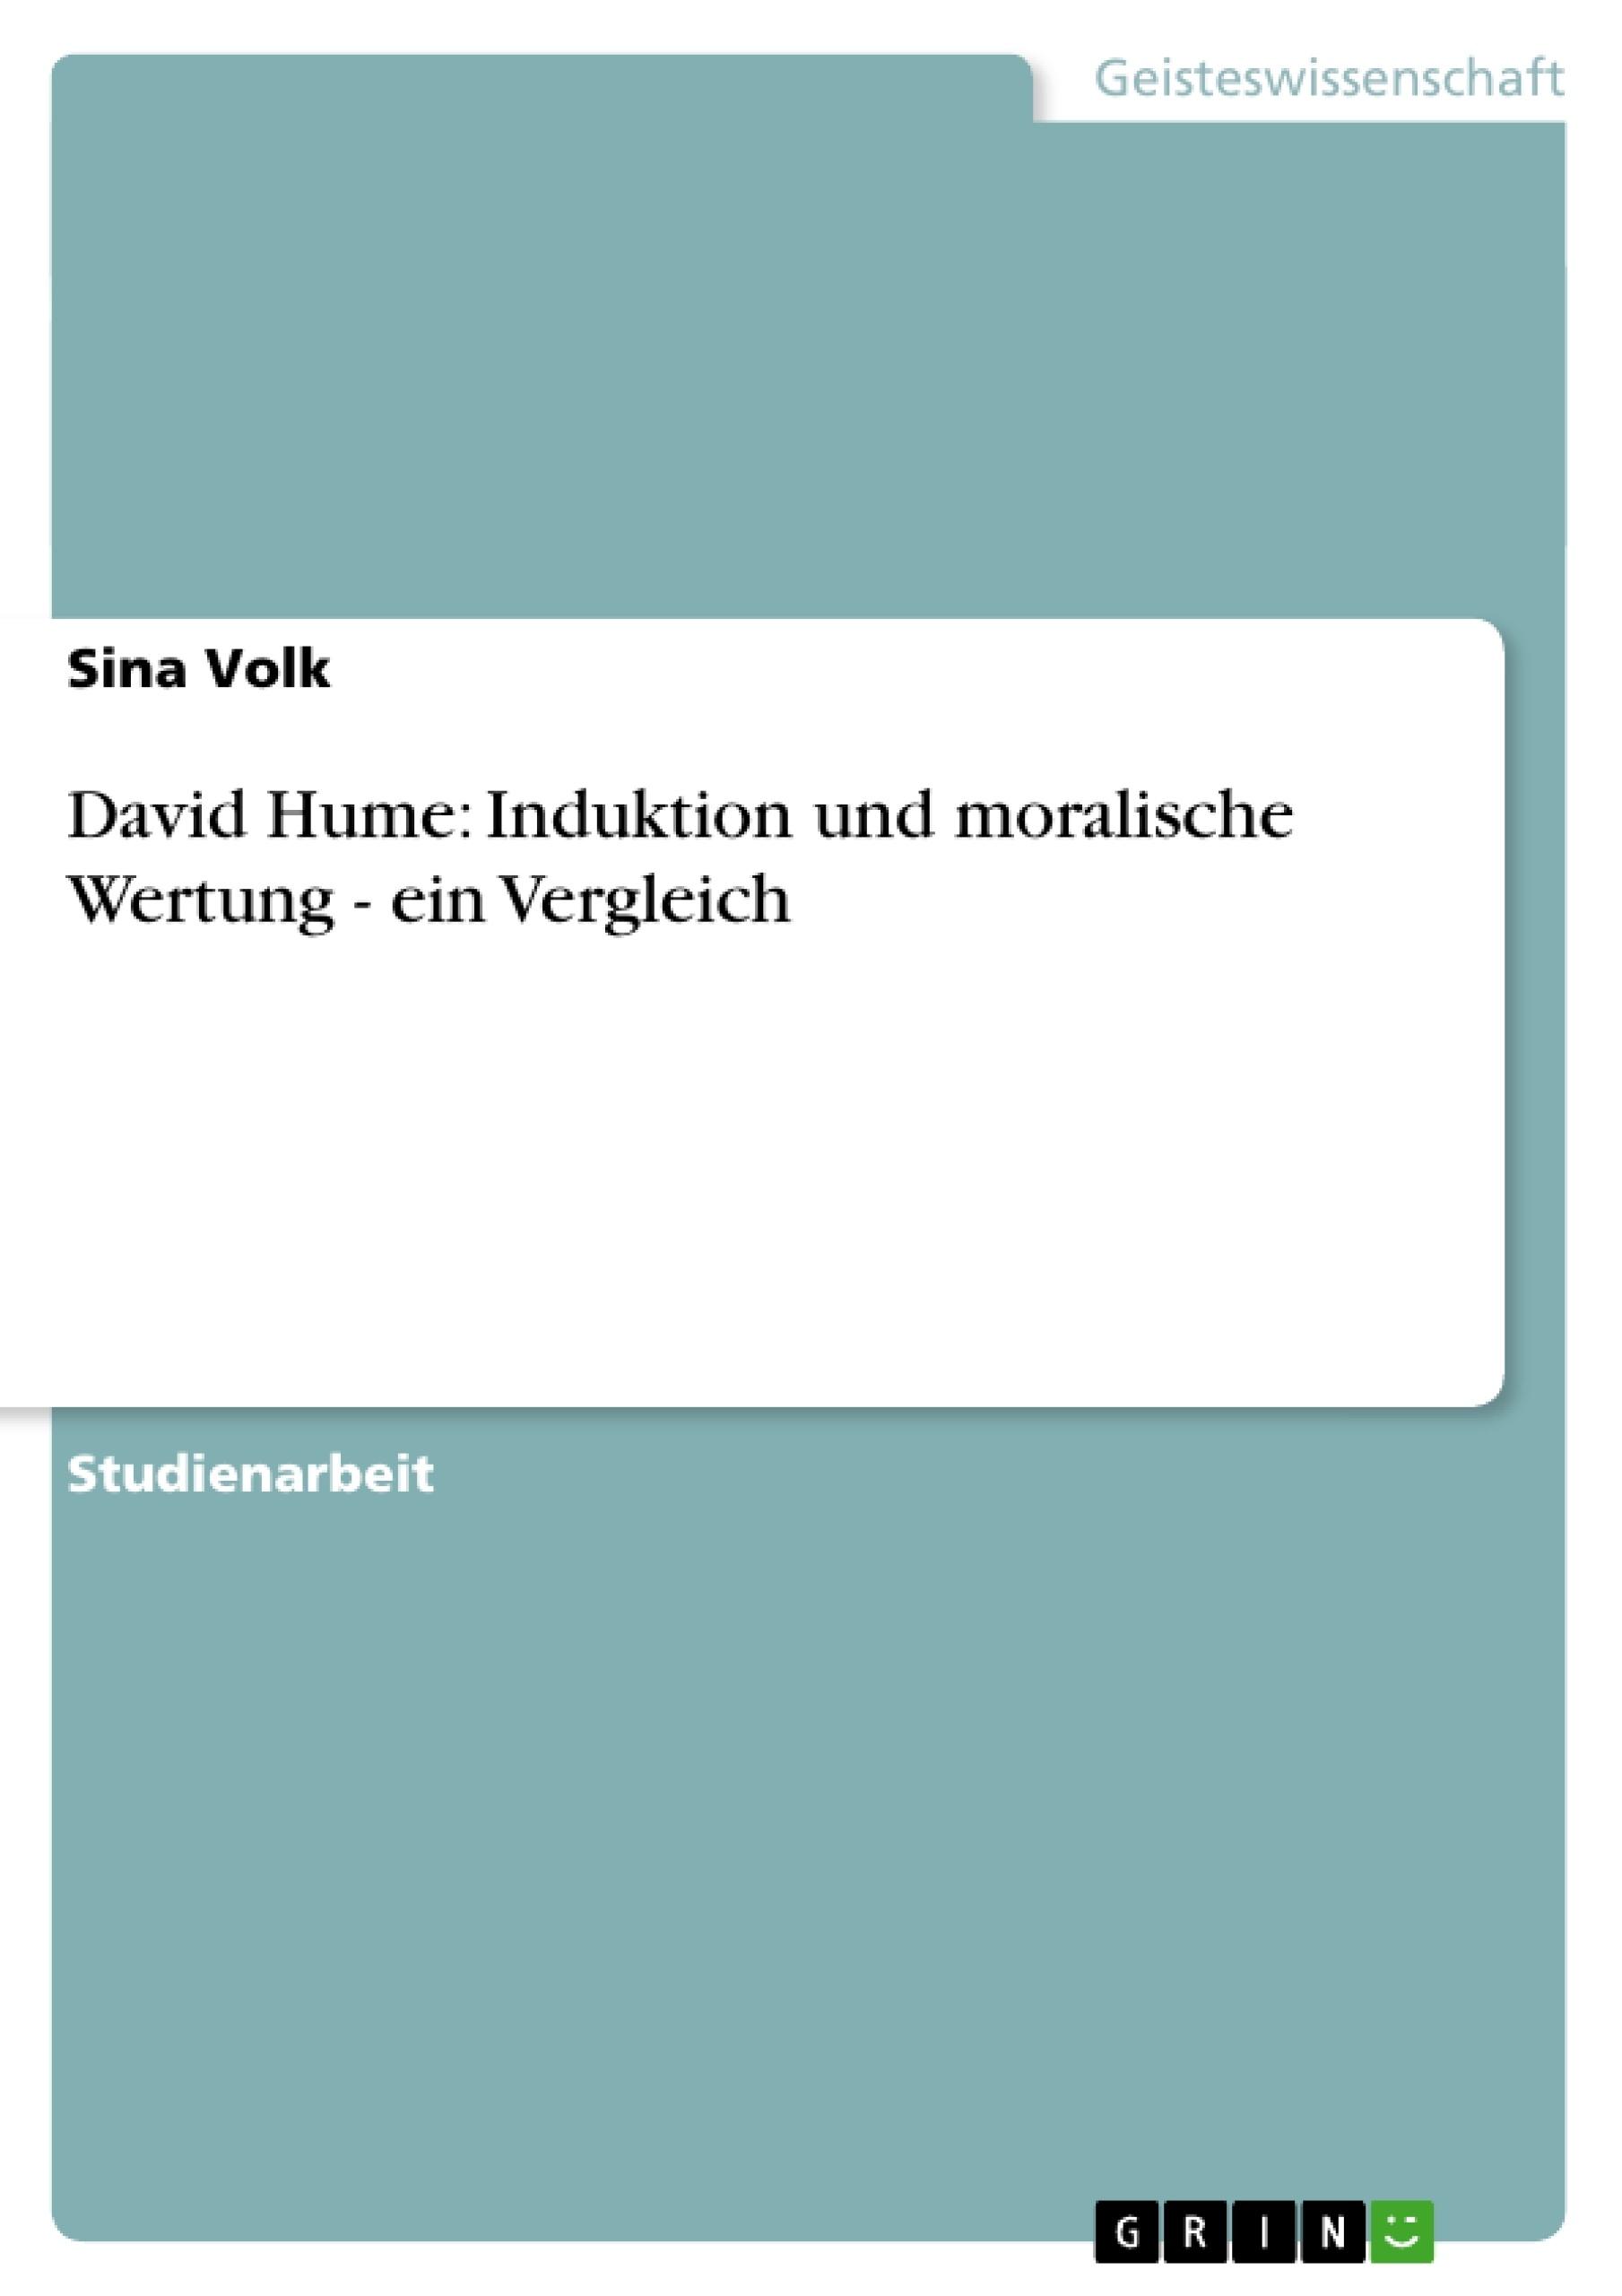 Titel: David Hume: Induktion und moralische Wertung - ein Vergleich